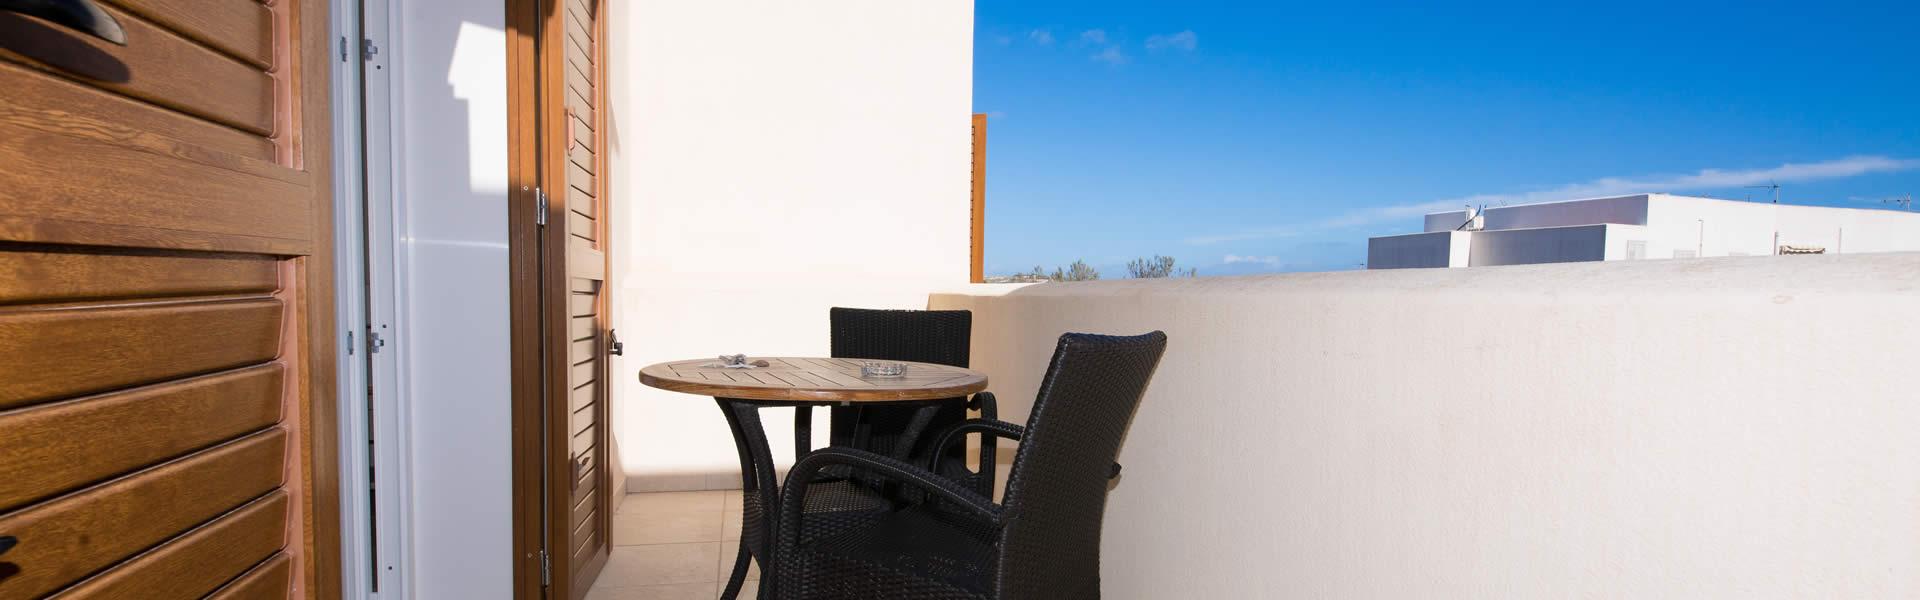 Accoglienti e graziose camere doppie o matrimoniali, dallo stile semplice e raffinato arredate in tinte chiare e rilassanti.